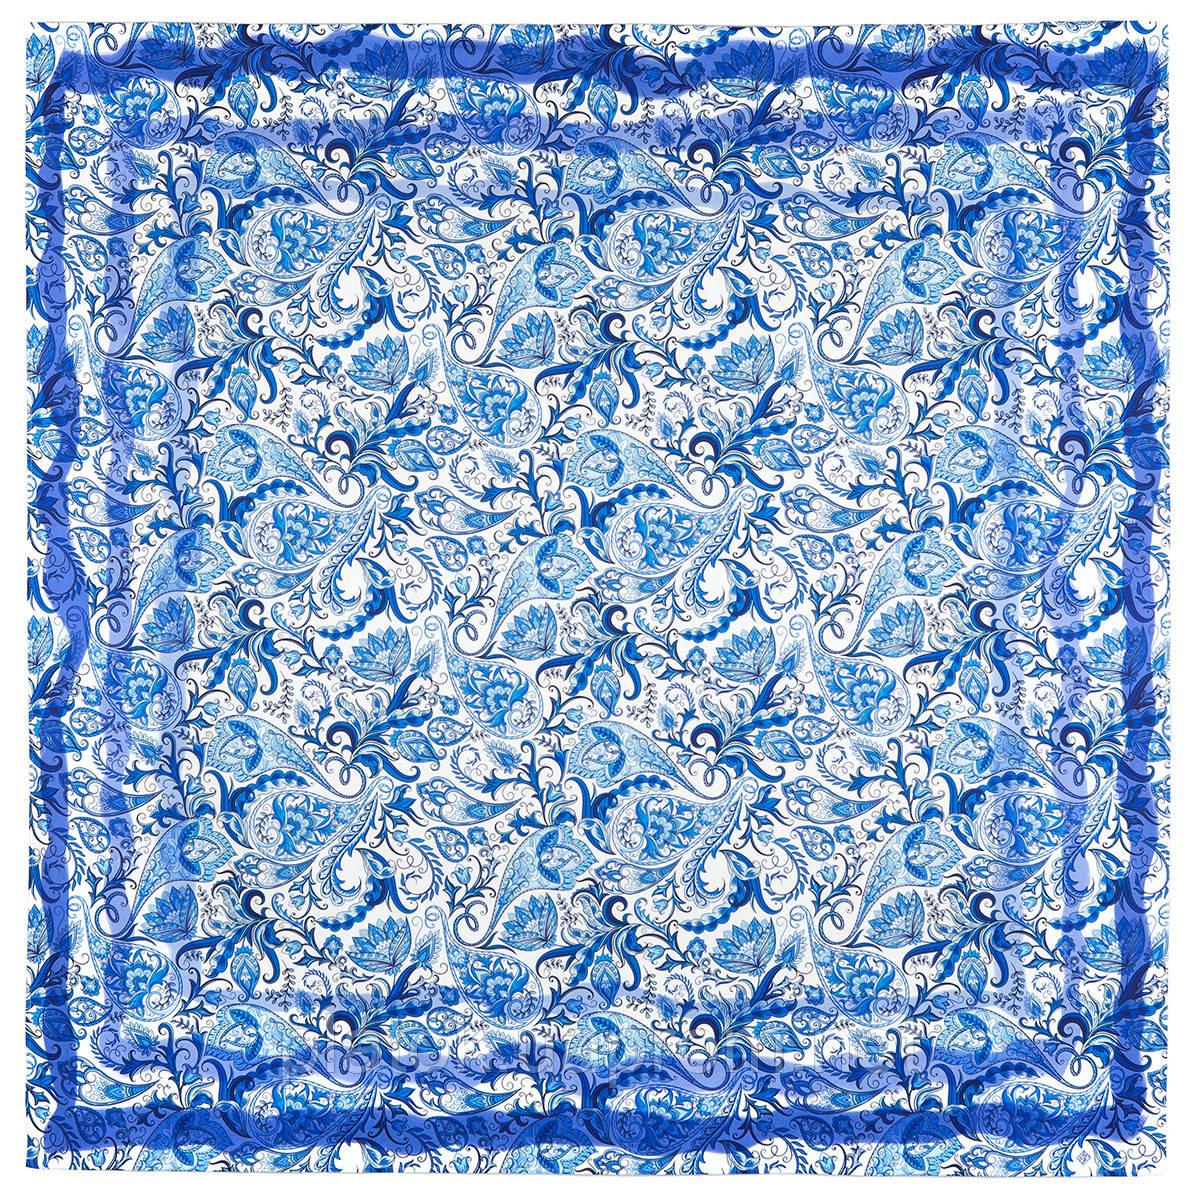 10510-13, павлопосадская скатерть хлопковая квадратная с подрубкой